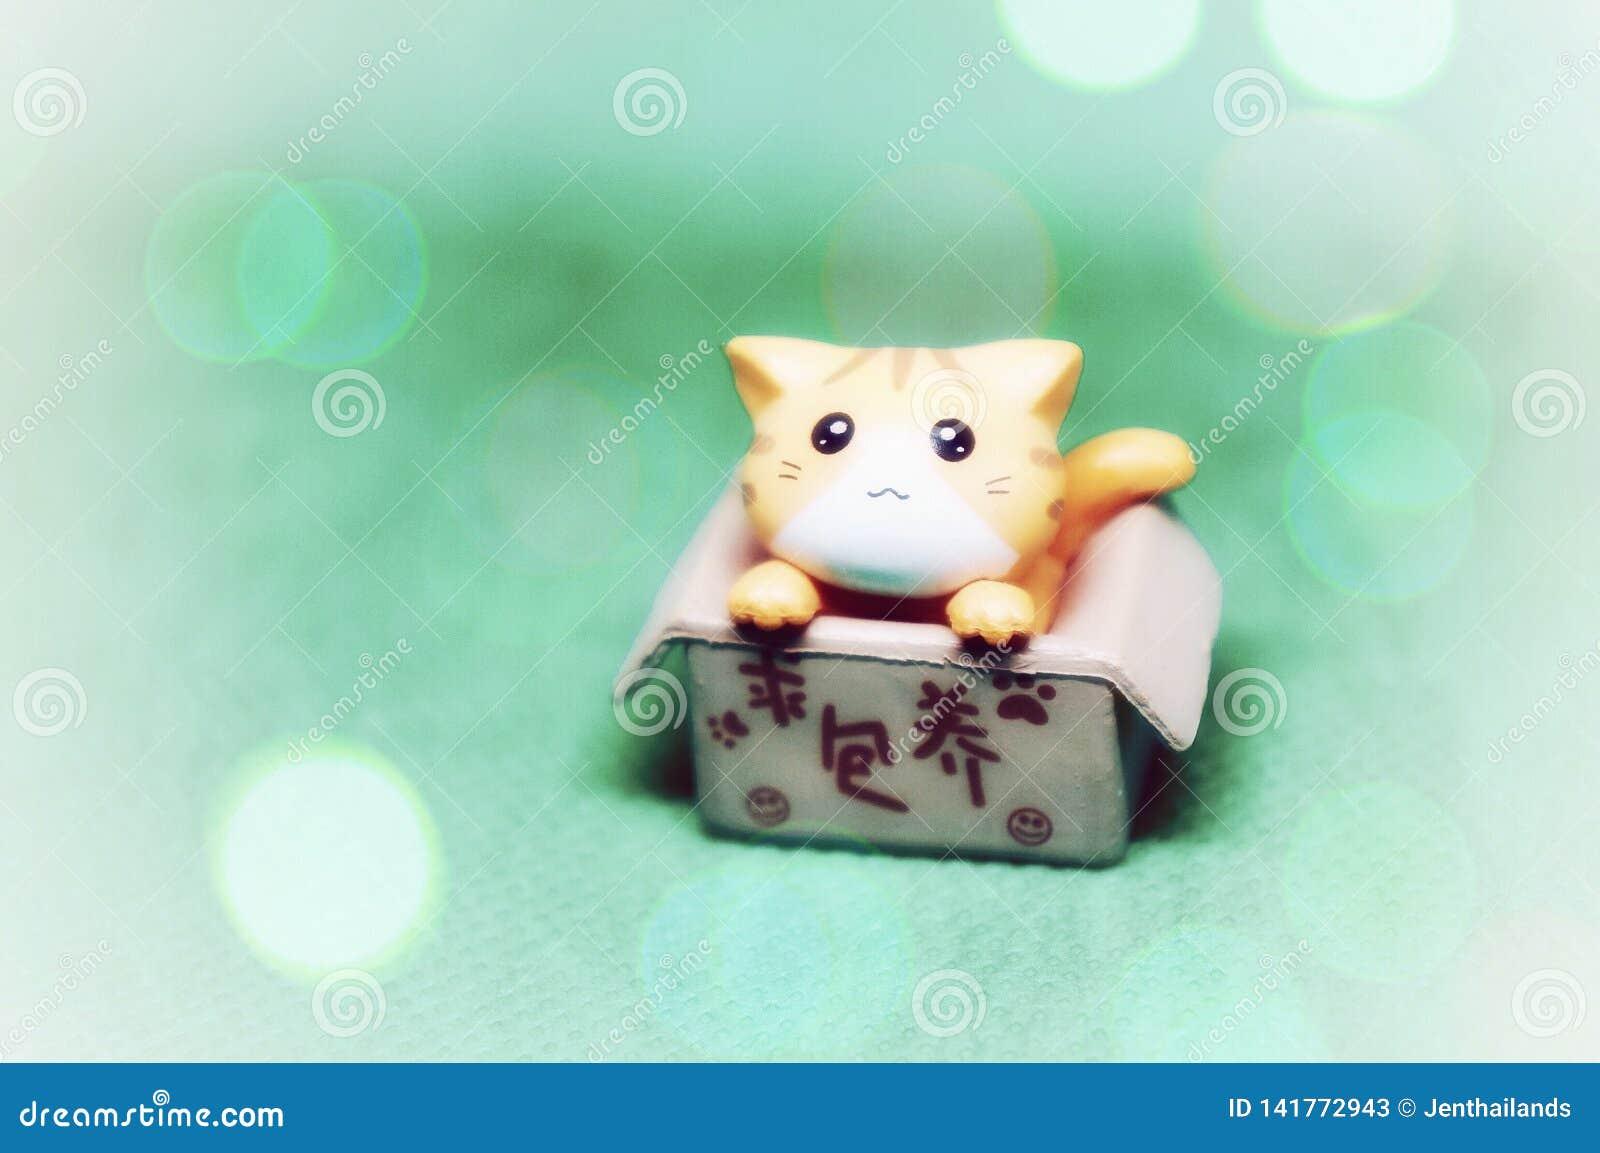 Little cute plastic cat in a box